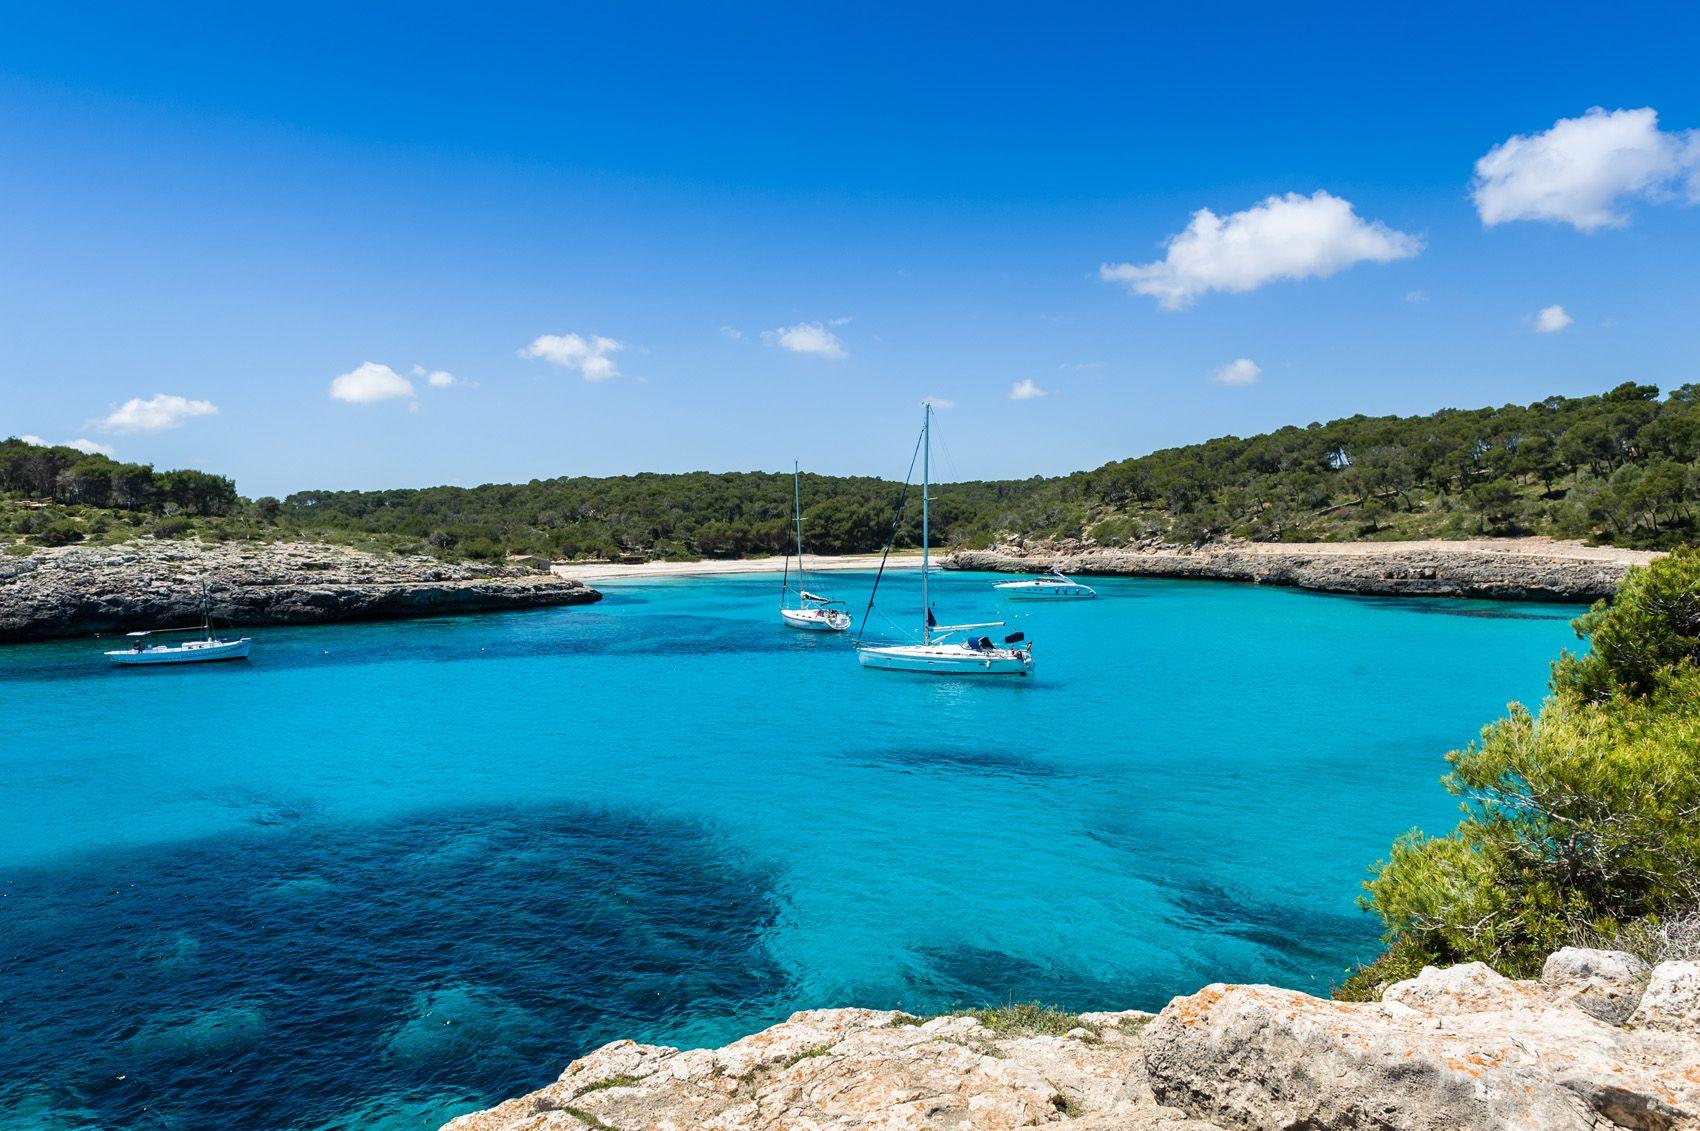 Geiles Geficke auf Mallorca